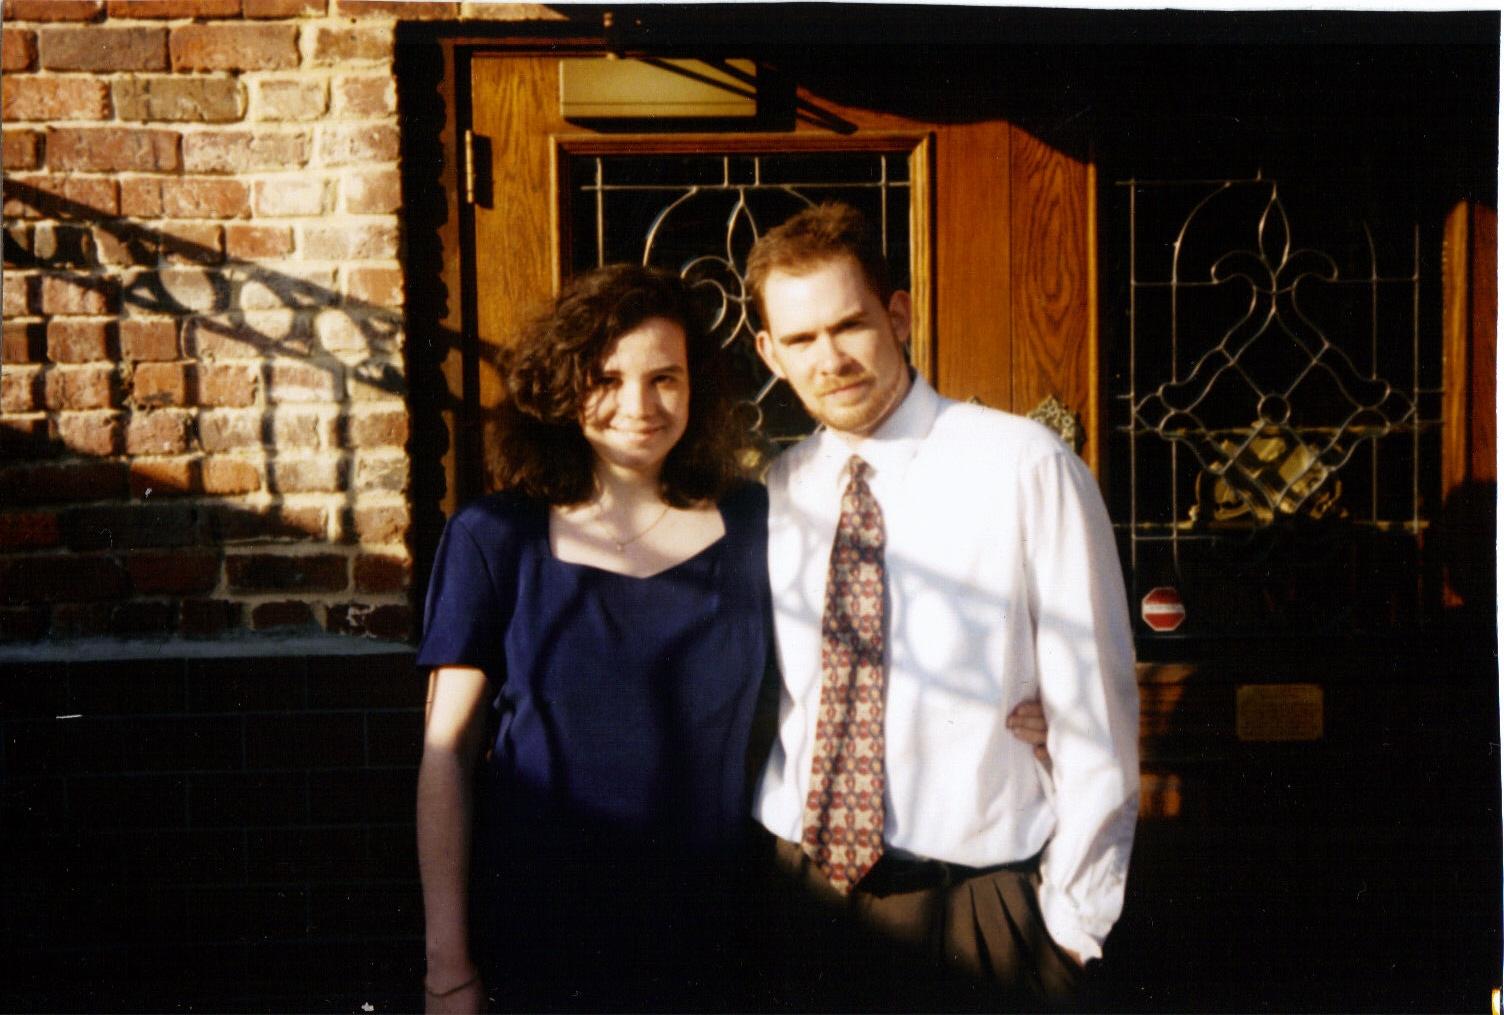 [Hope+&+Jeff+1998.jpg]